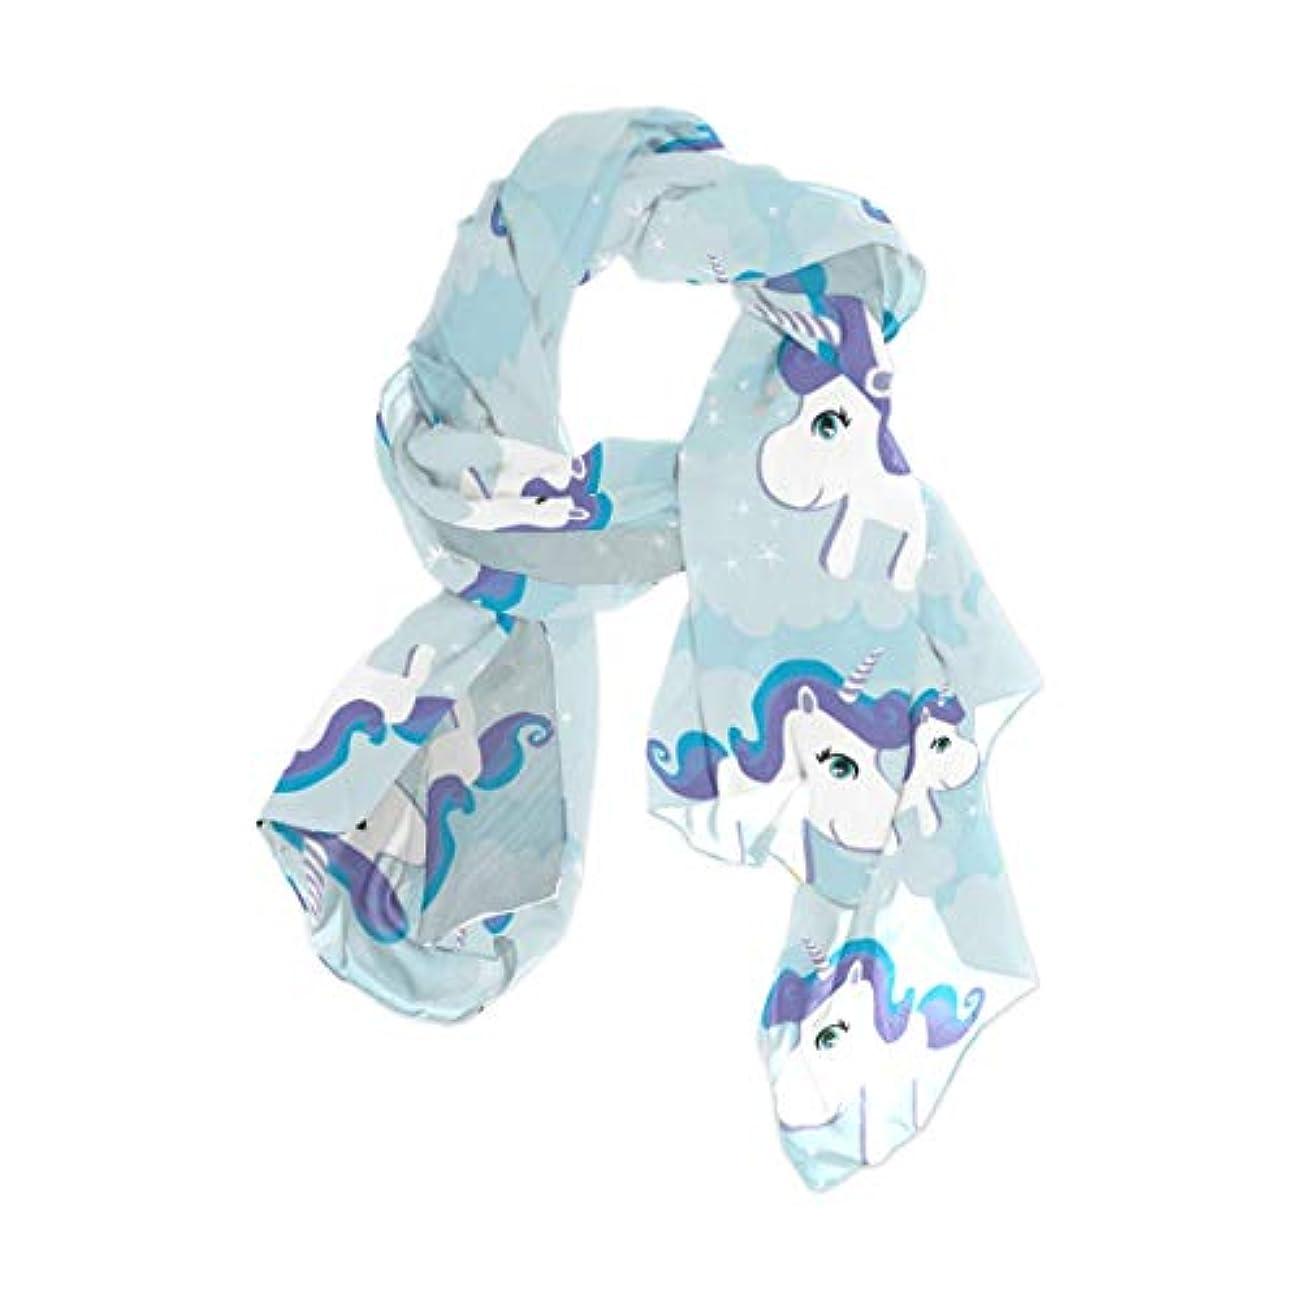 証拠名声気分が悪いユサキ(USAKI) スカーフ レディース 大判 かわいい ユニコーン 馬柄 ブルー ストール 春夏秋冬 UVカット 冷房対策 シルク 肌触り ショール パーティー 90×180cm